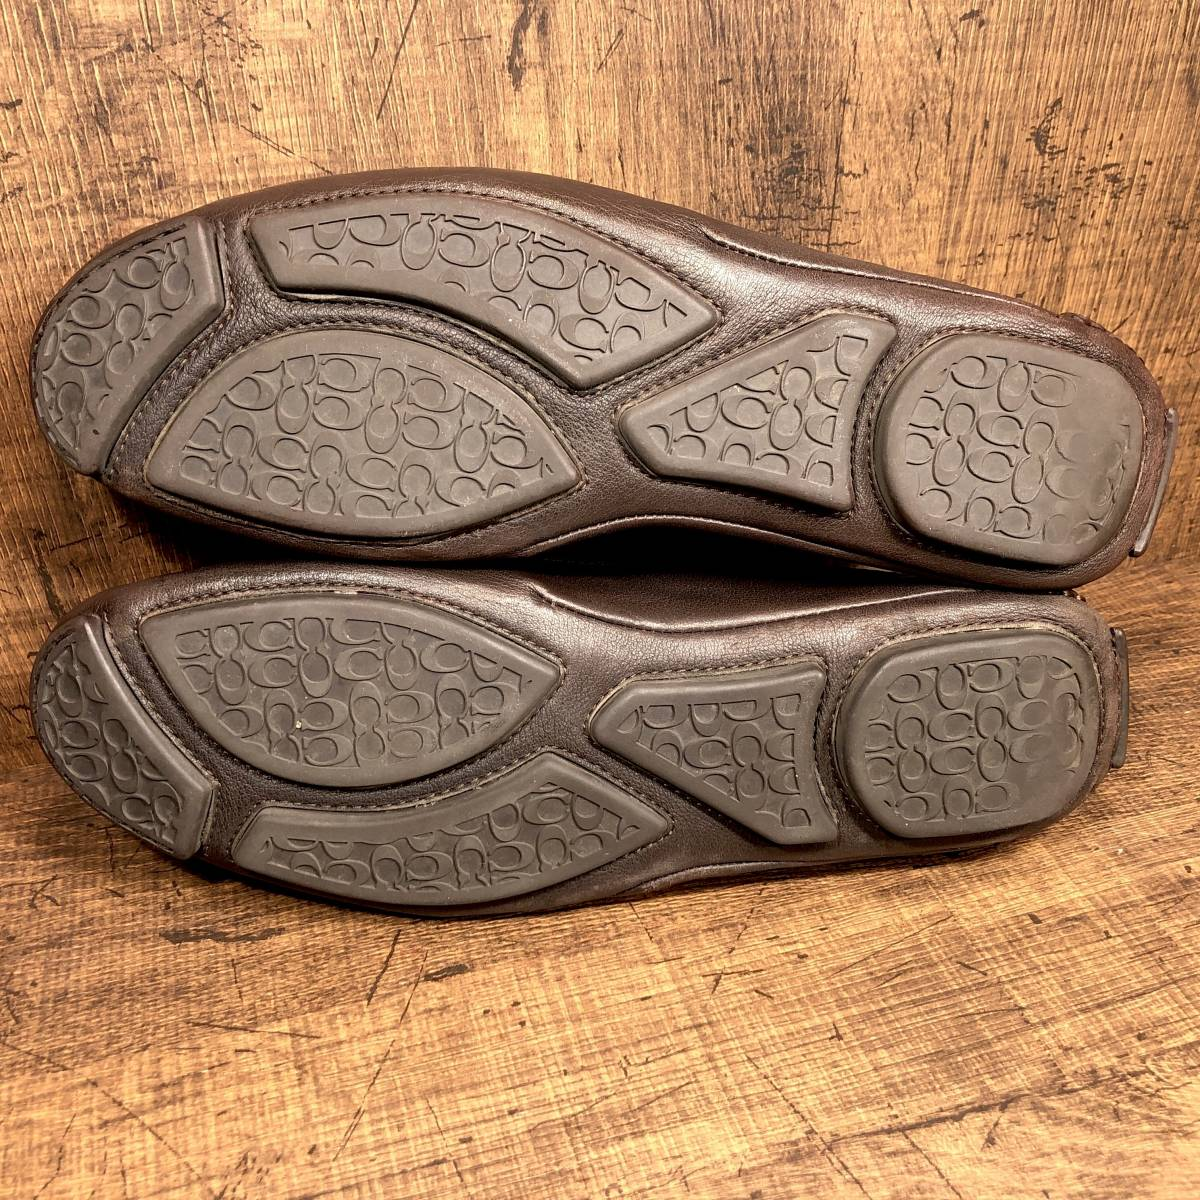 ■COACH■ 26cm 茶 ブラウン コーチ ドライビングシューズ コインローファー メンズ 革靴 靴 本革 ビジネス ドレス くつ 即決_画像3